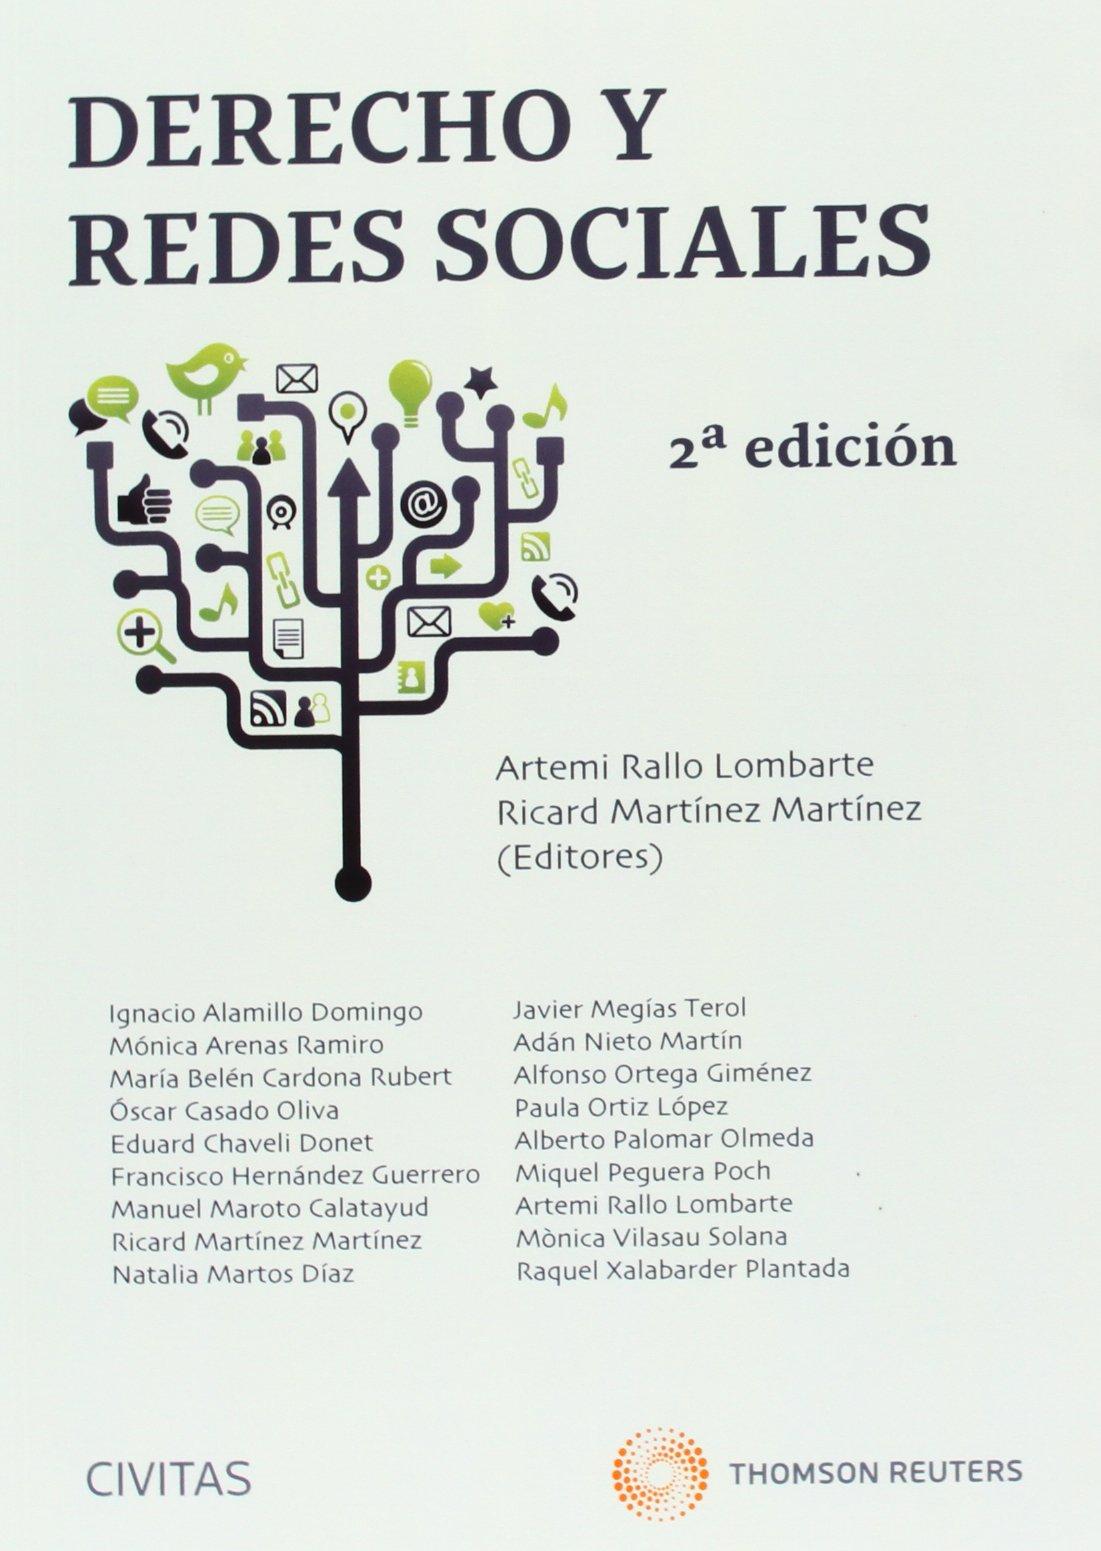 Derecho y redes sociales Estudios y Comentarios de Legislación: Amazon.es: Ricard Martínez Martínez, Artemi Rallo Lombarte: Libros